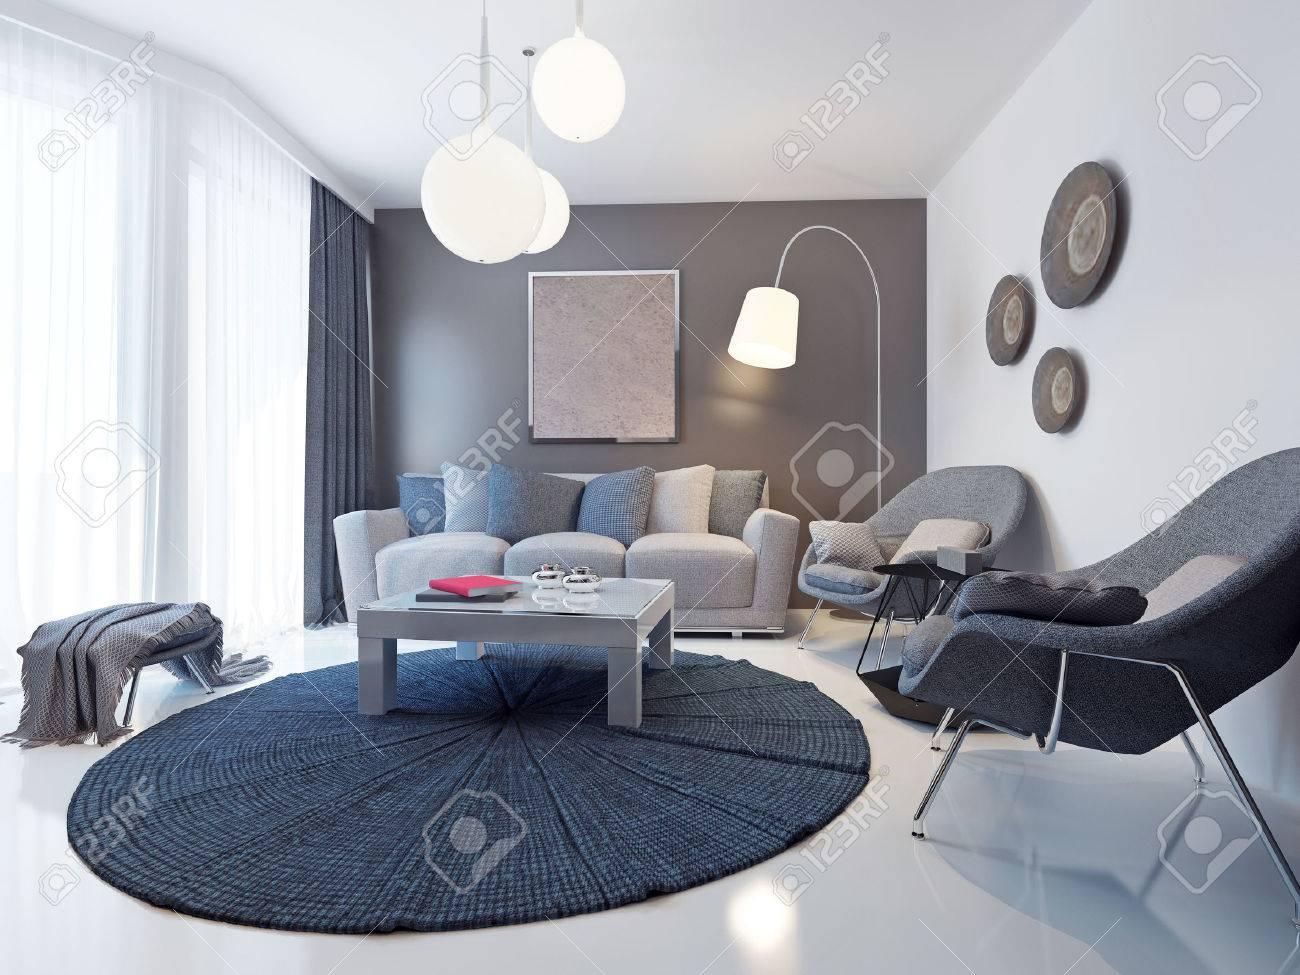 Helle Moderne Wohnzimmer Trend. Design Ideen Für Eine Mittelgroße Formale  Wohnzimmer Mit Weißen Und